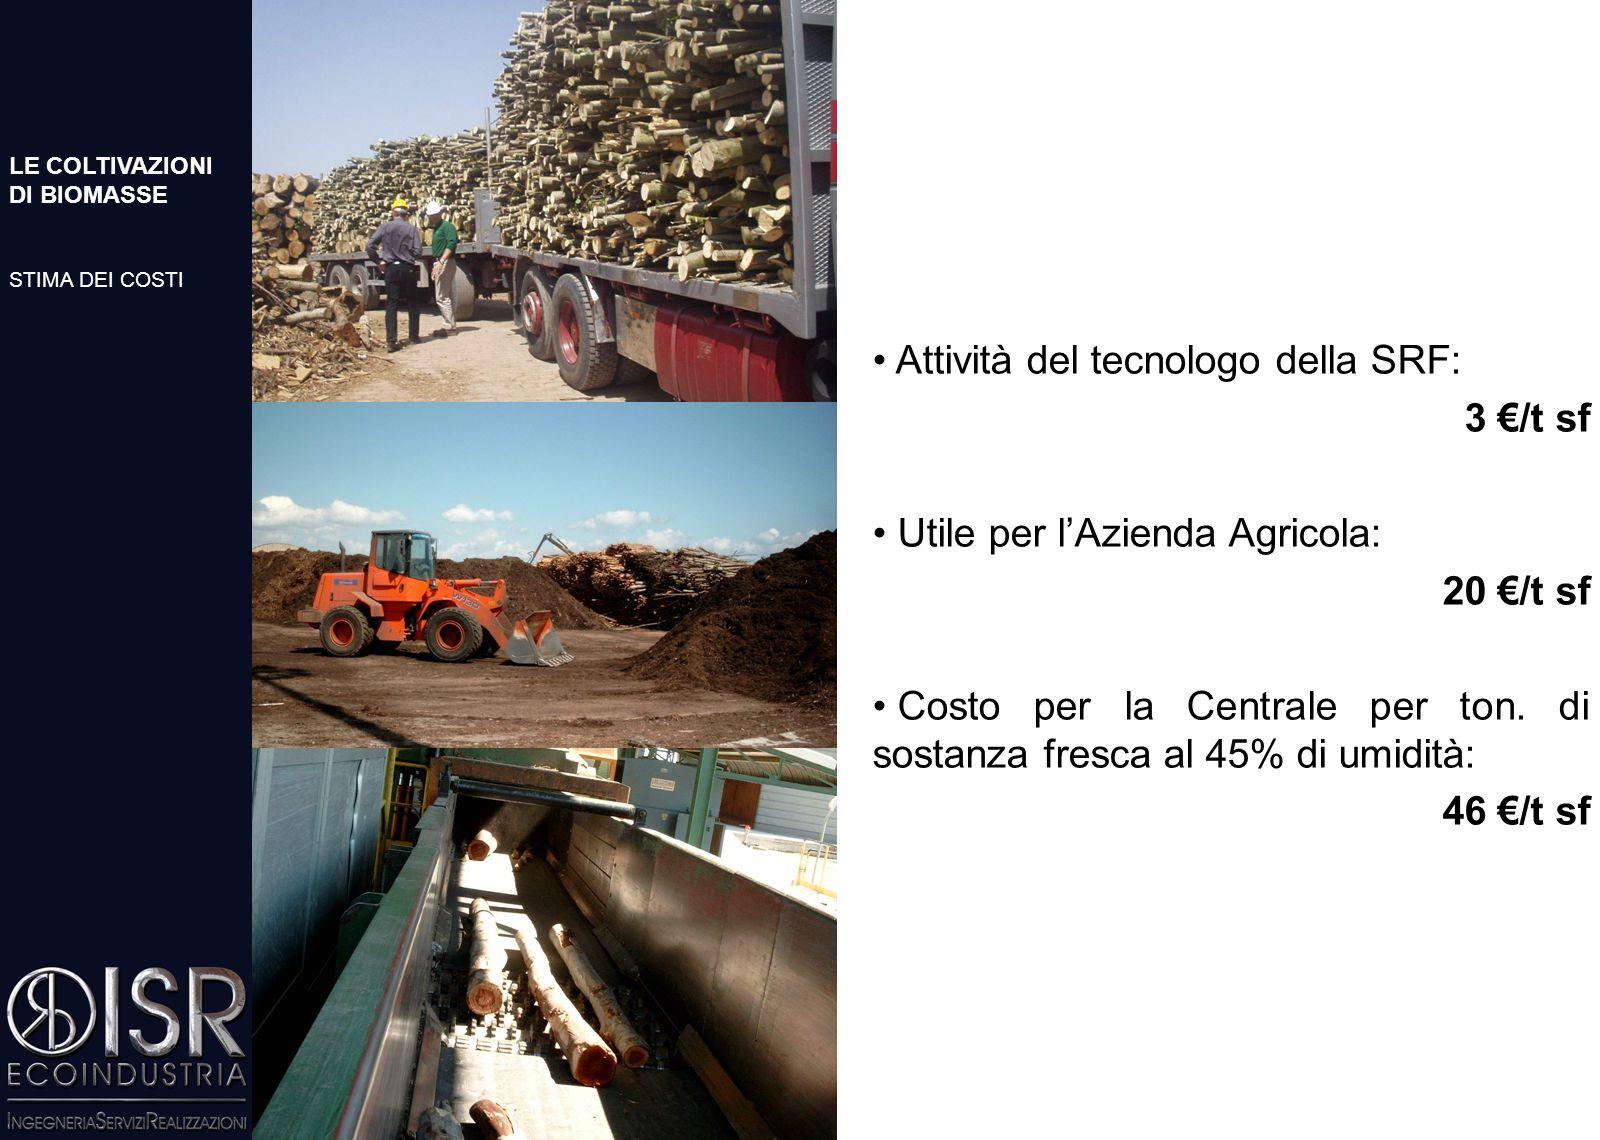 COSTI DELLE ATTIVITA' AGRICOLE COSTI DI PRODUZIONE SRF DI PIOPPO (tagli biennali) Produzione media verificata di SRF di pioppo (Scuola Superiore S. An